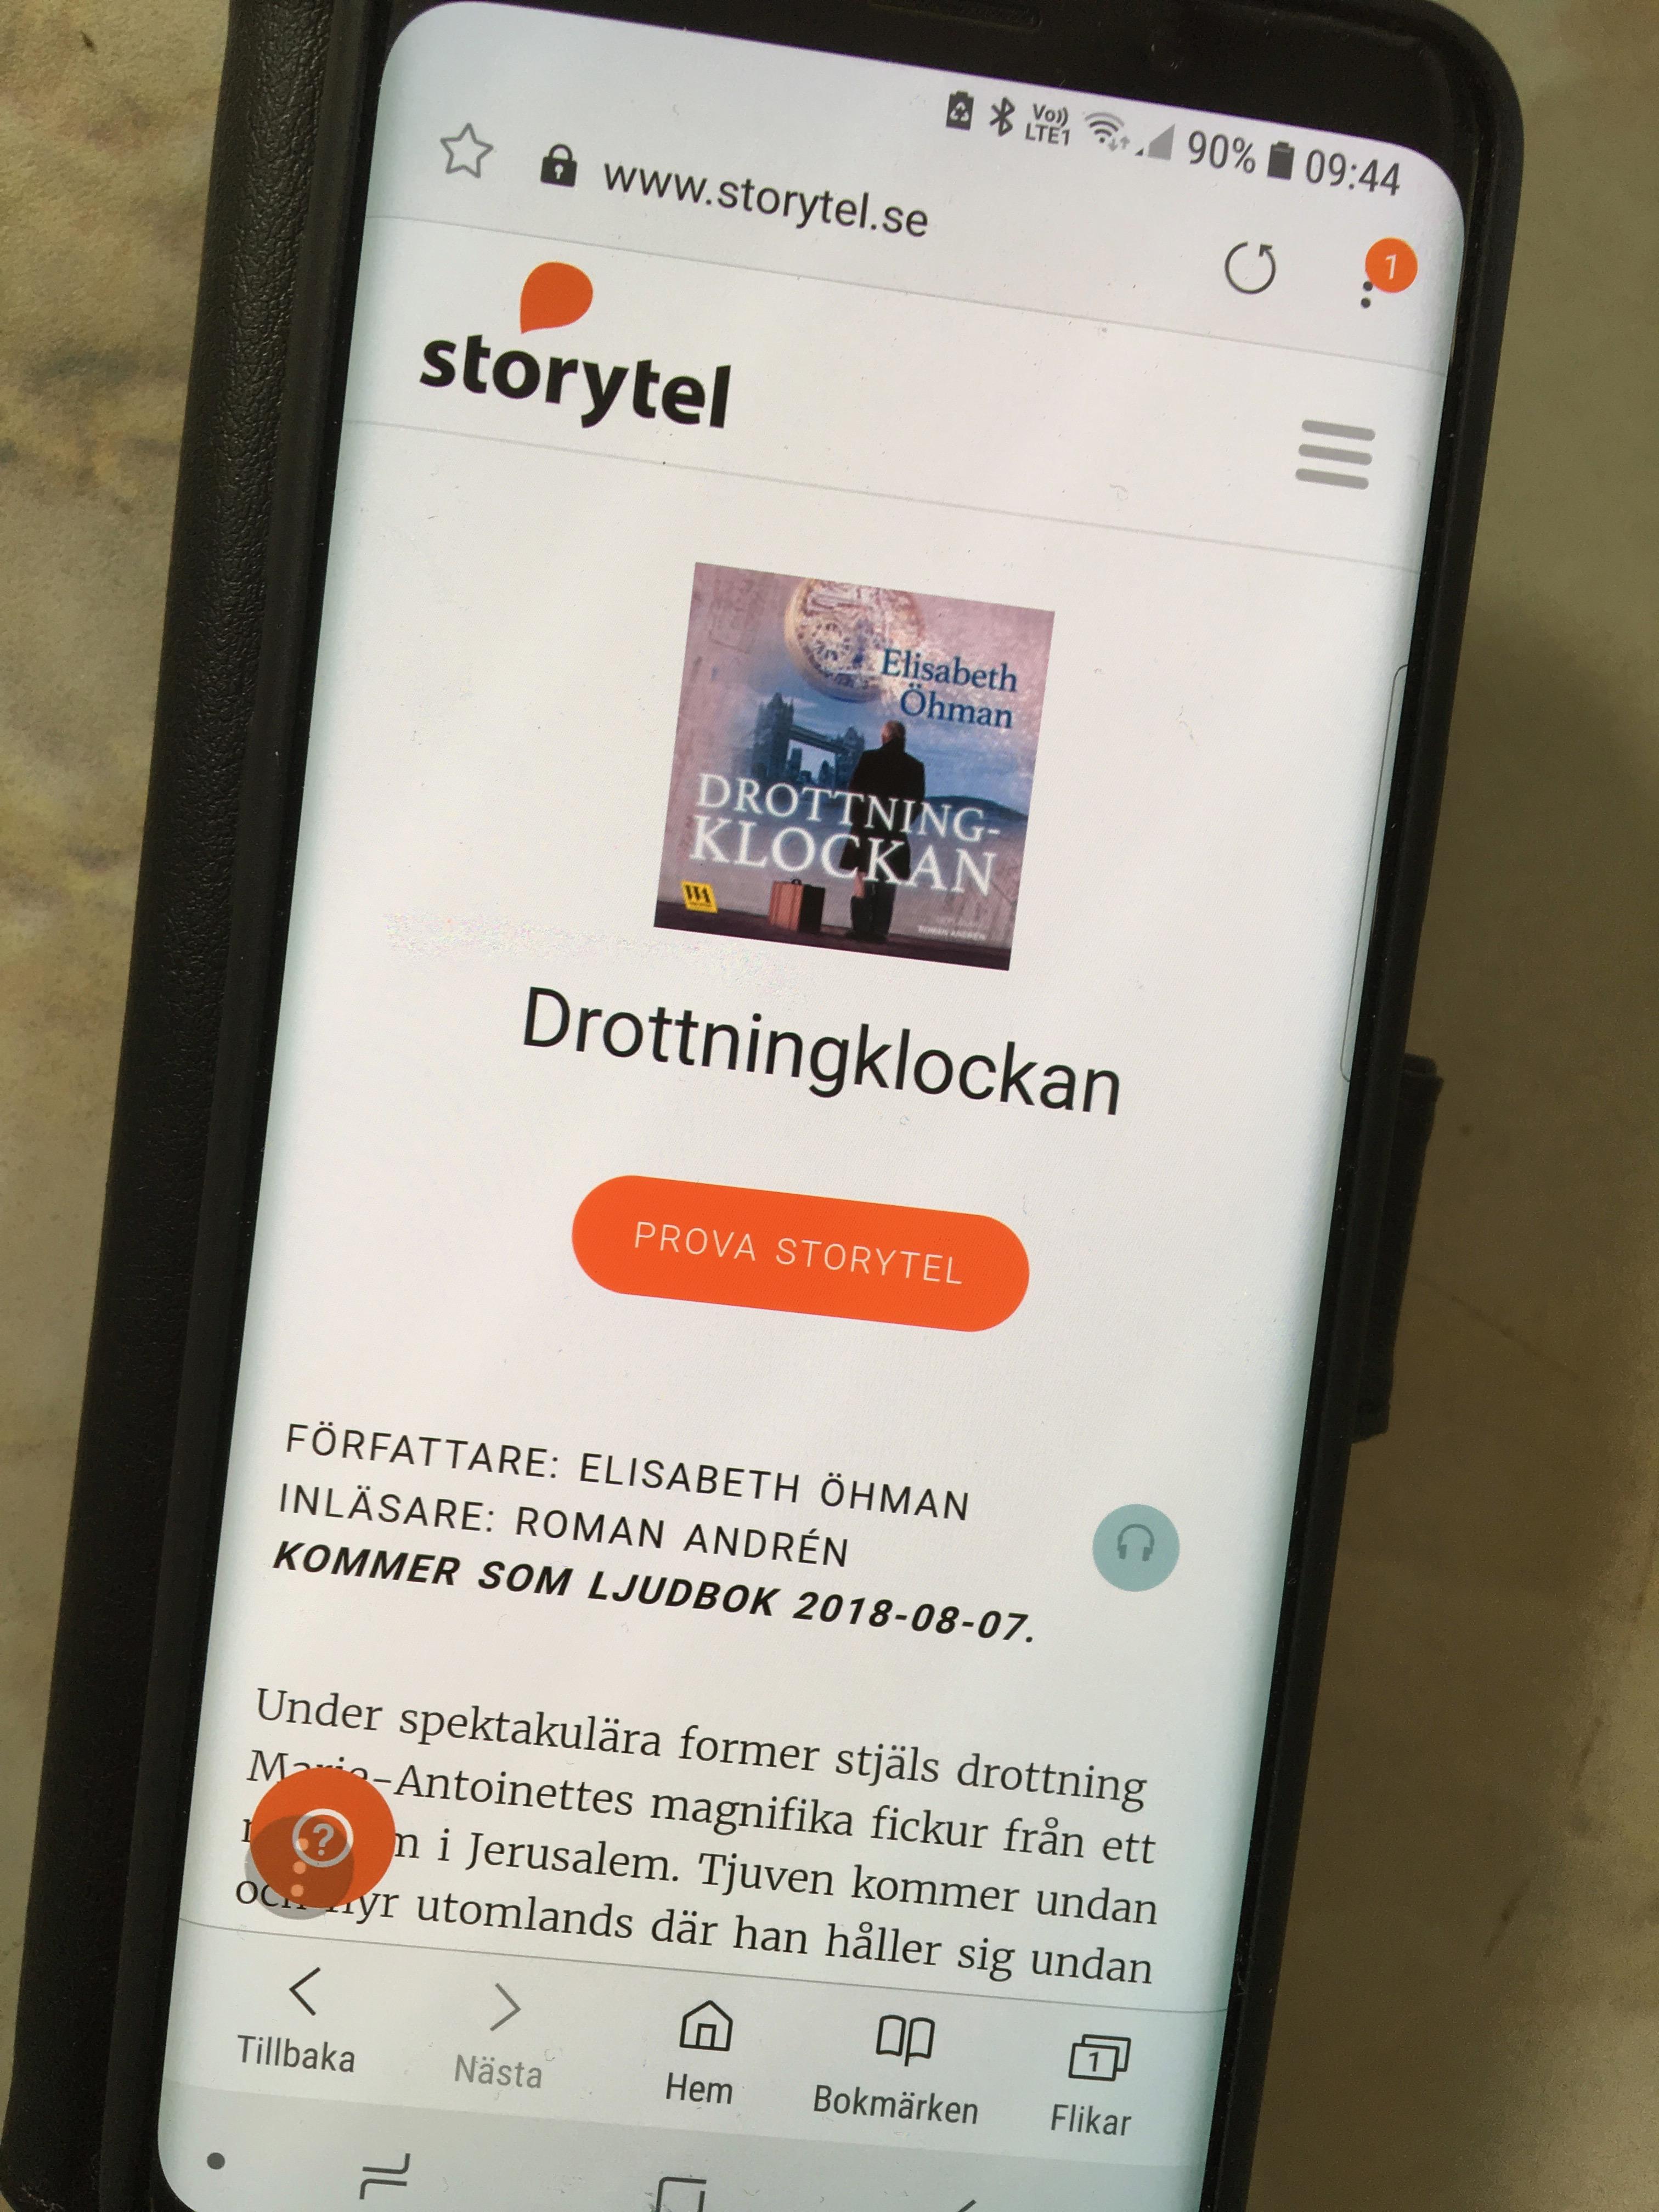 Premiär för ljudboken på Storytel idag!